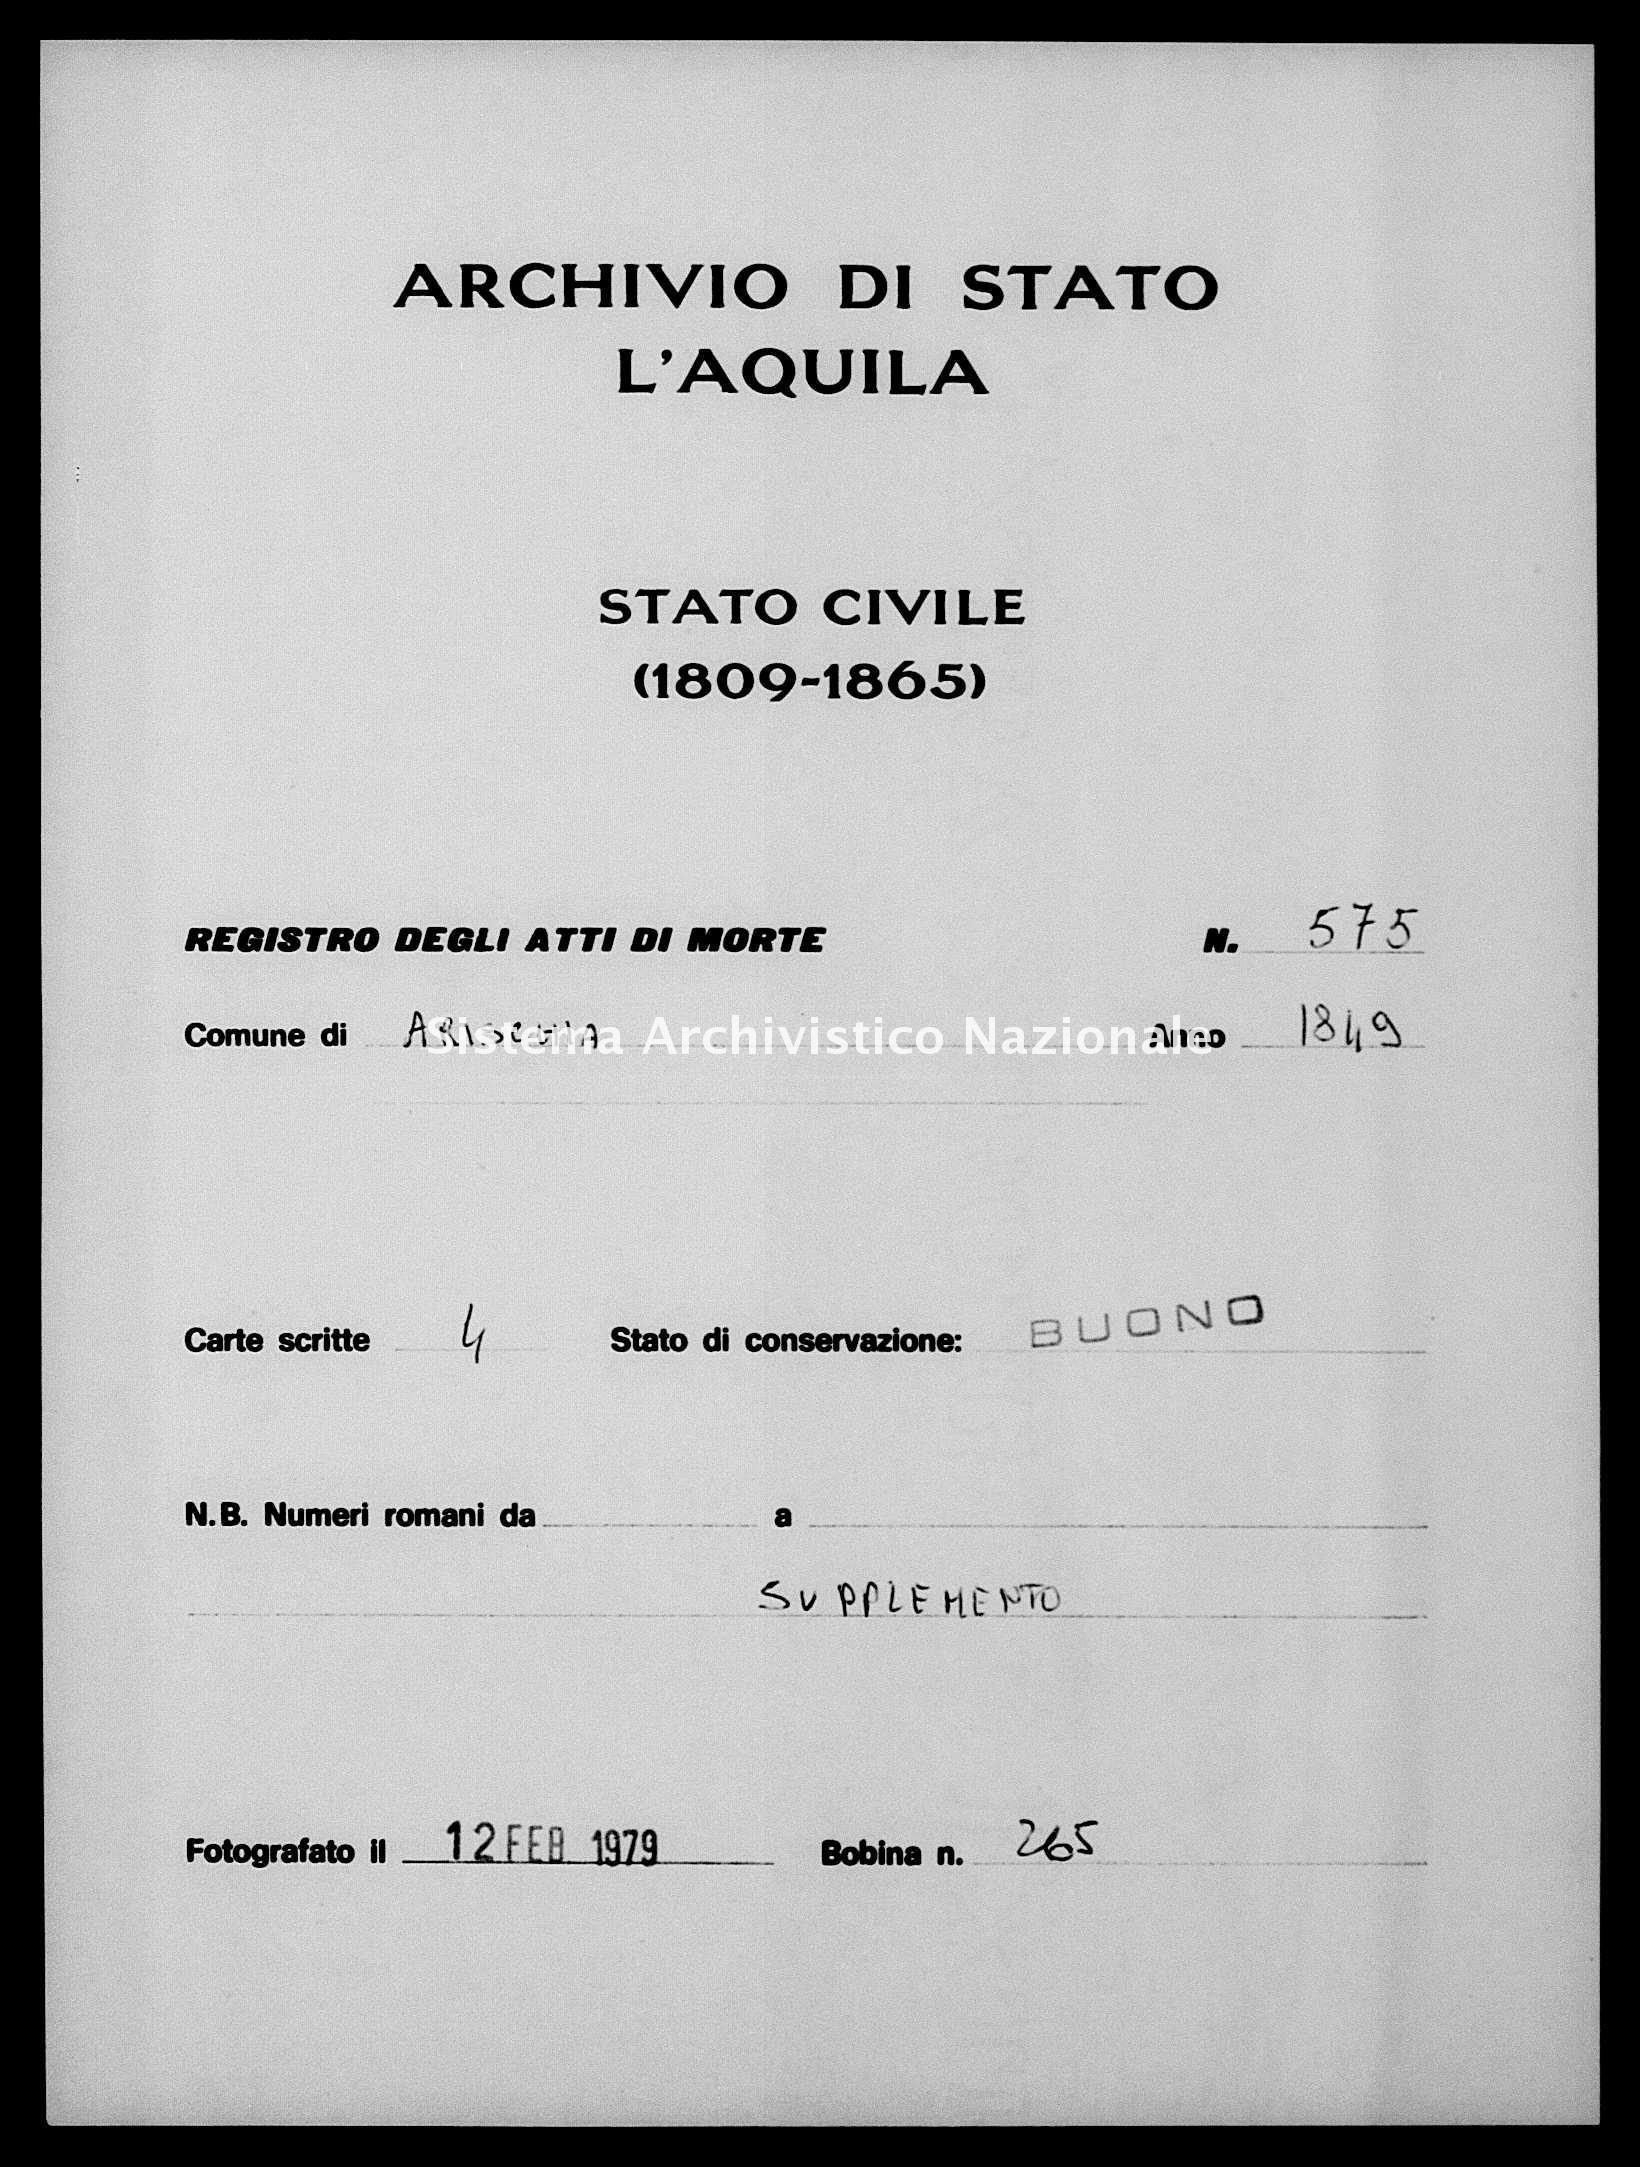 Archivio di stato di L'aquila - Stato civile della restaurazione - Arischia - Morti - 01/12/1849-15/12/1849 - 575 -